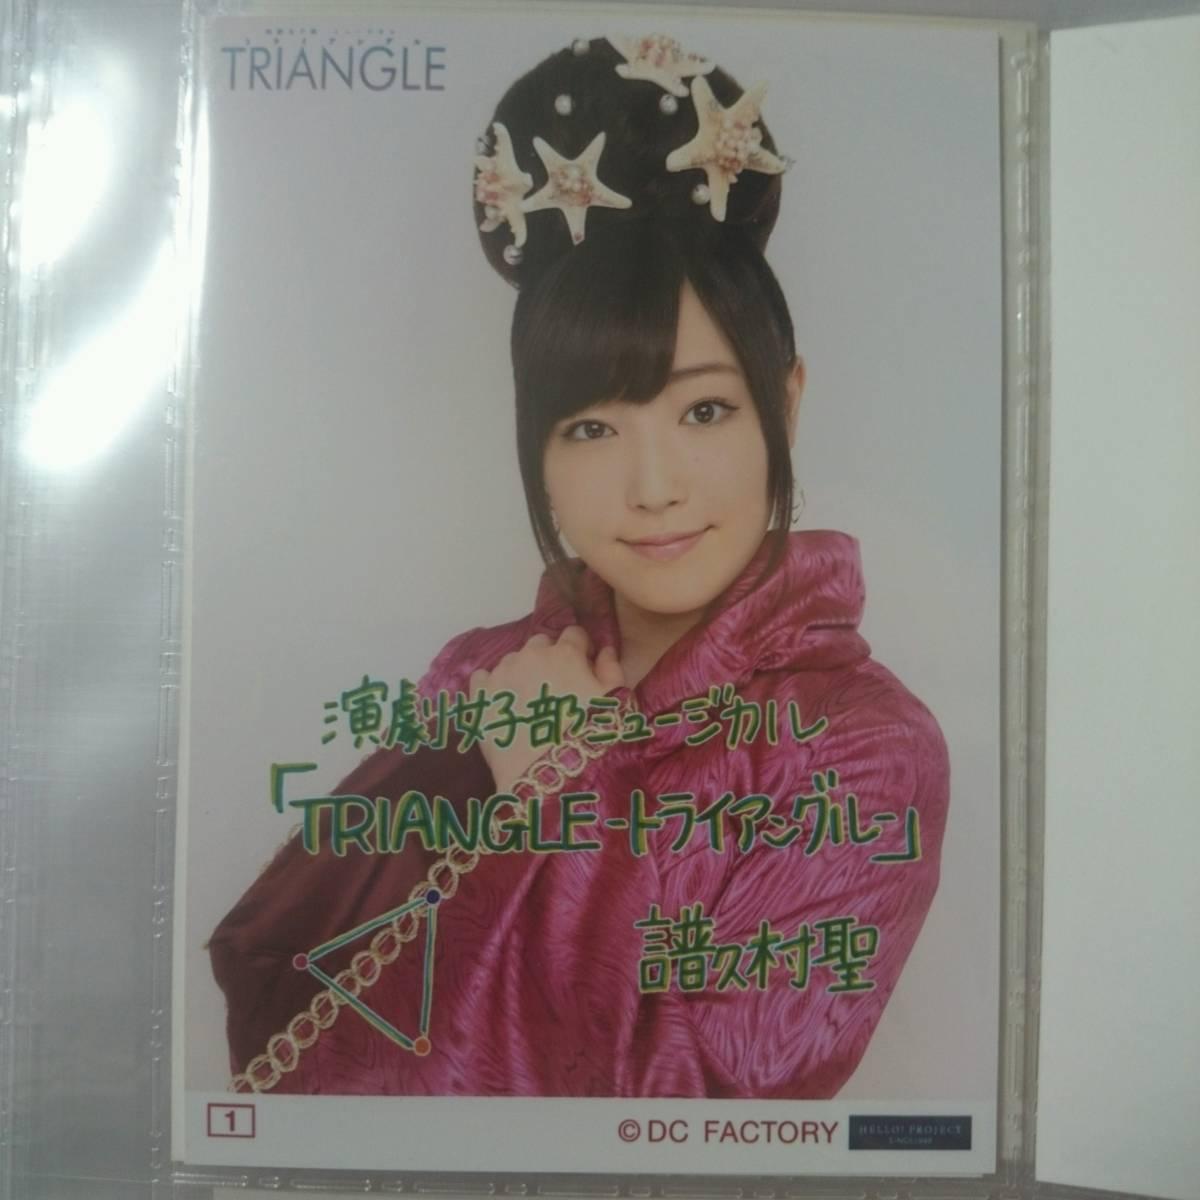 モーニング娘。 譜久村聖 コレクション生写真『TRIANGLE』1番